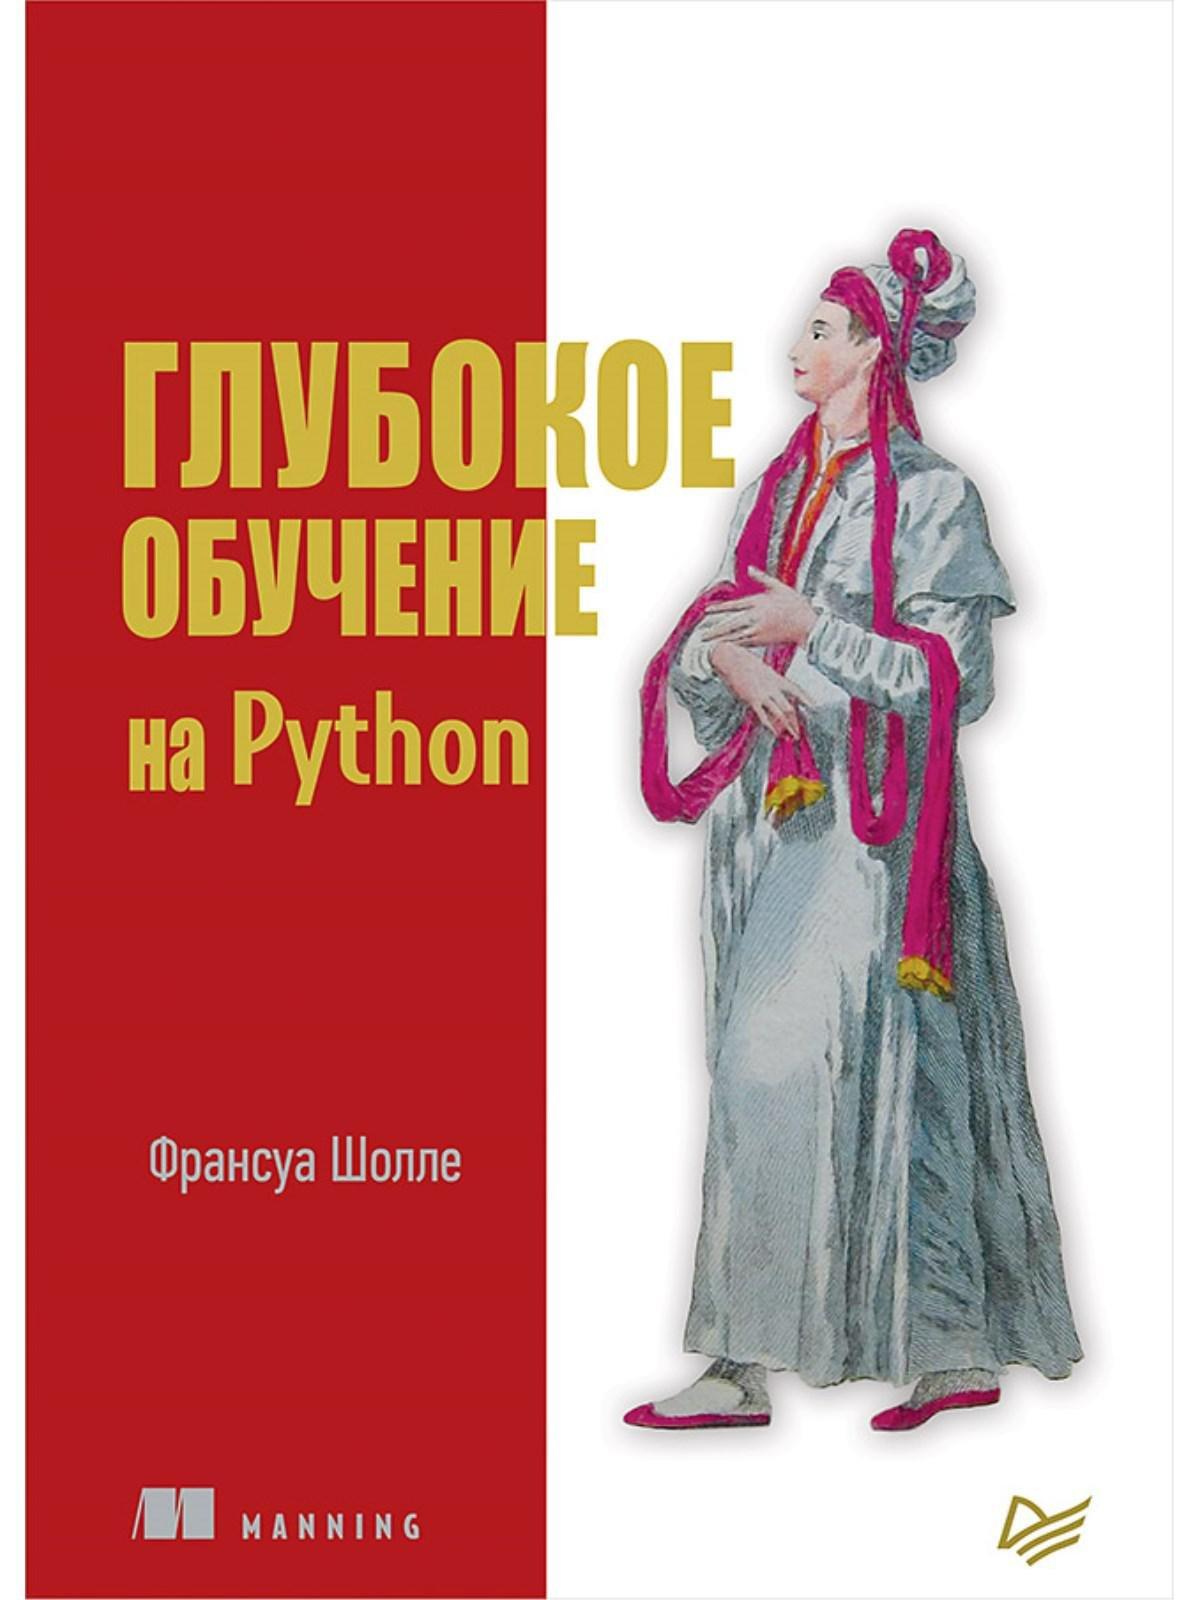 Шолле Ф Глубокое обучение на Python